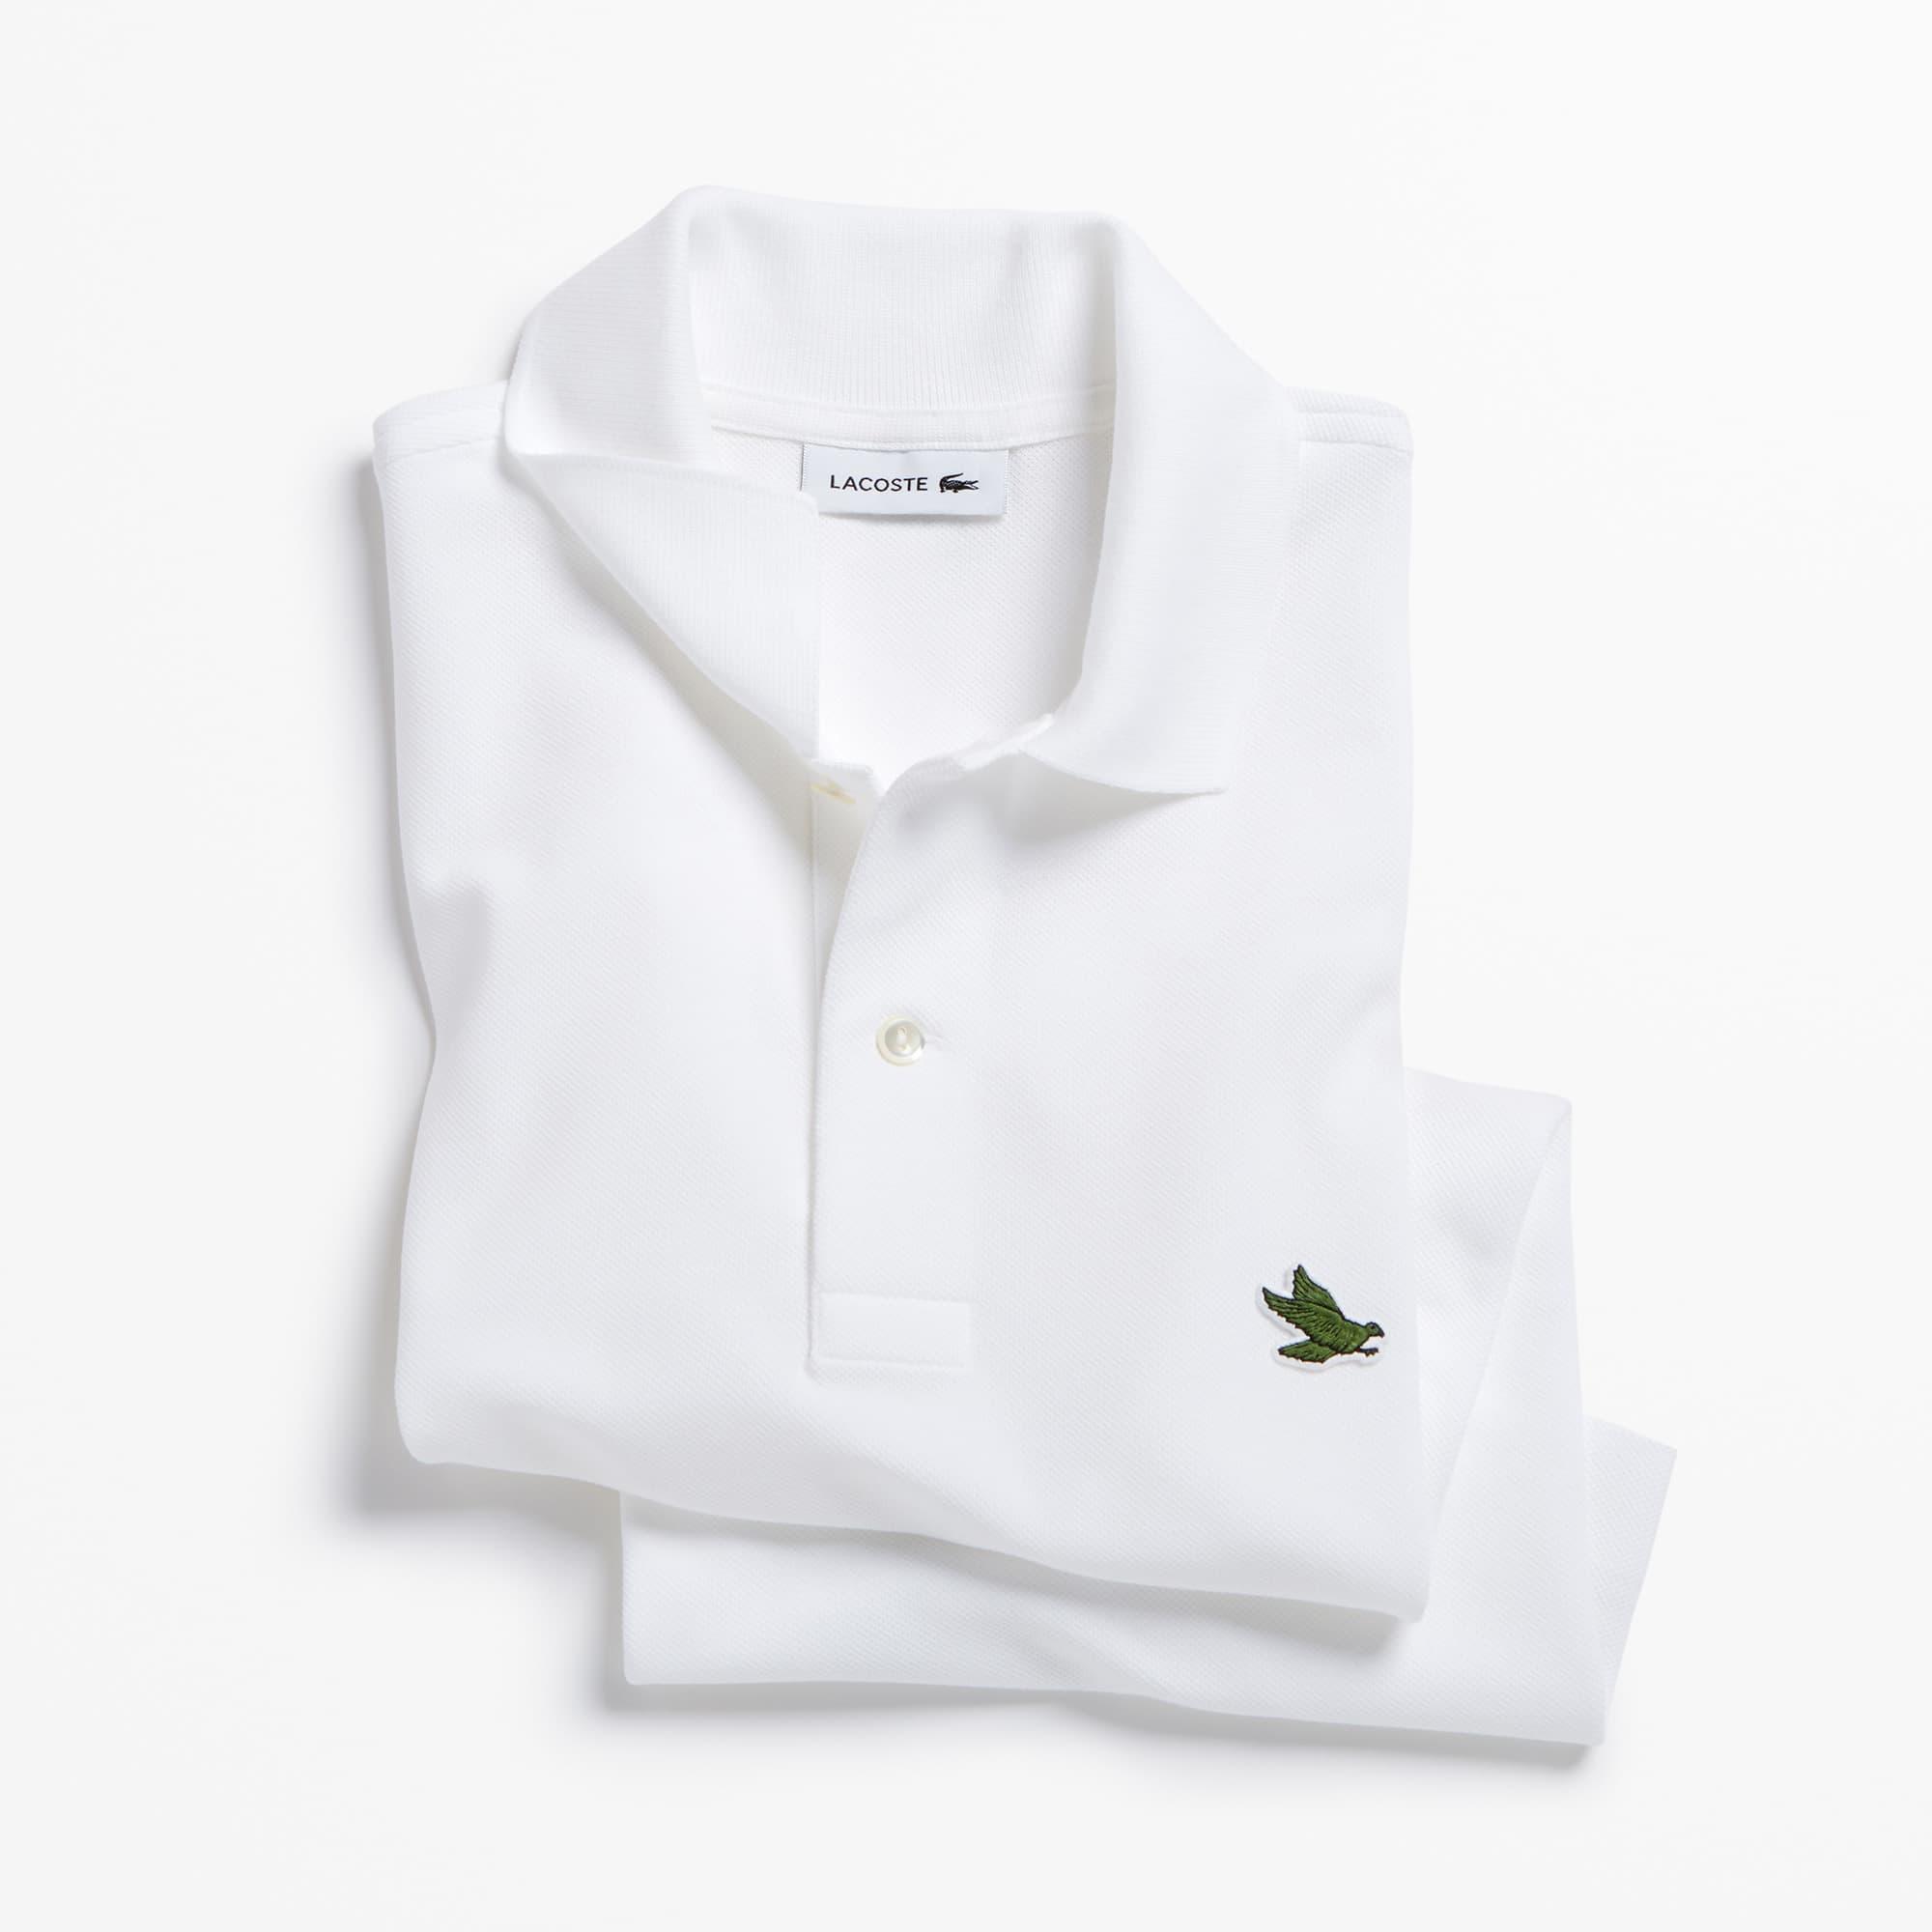 Polo Shirt Lacoste The California Condor